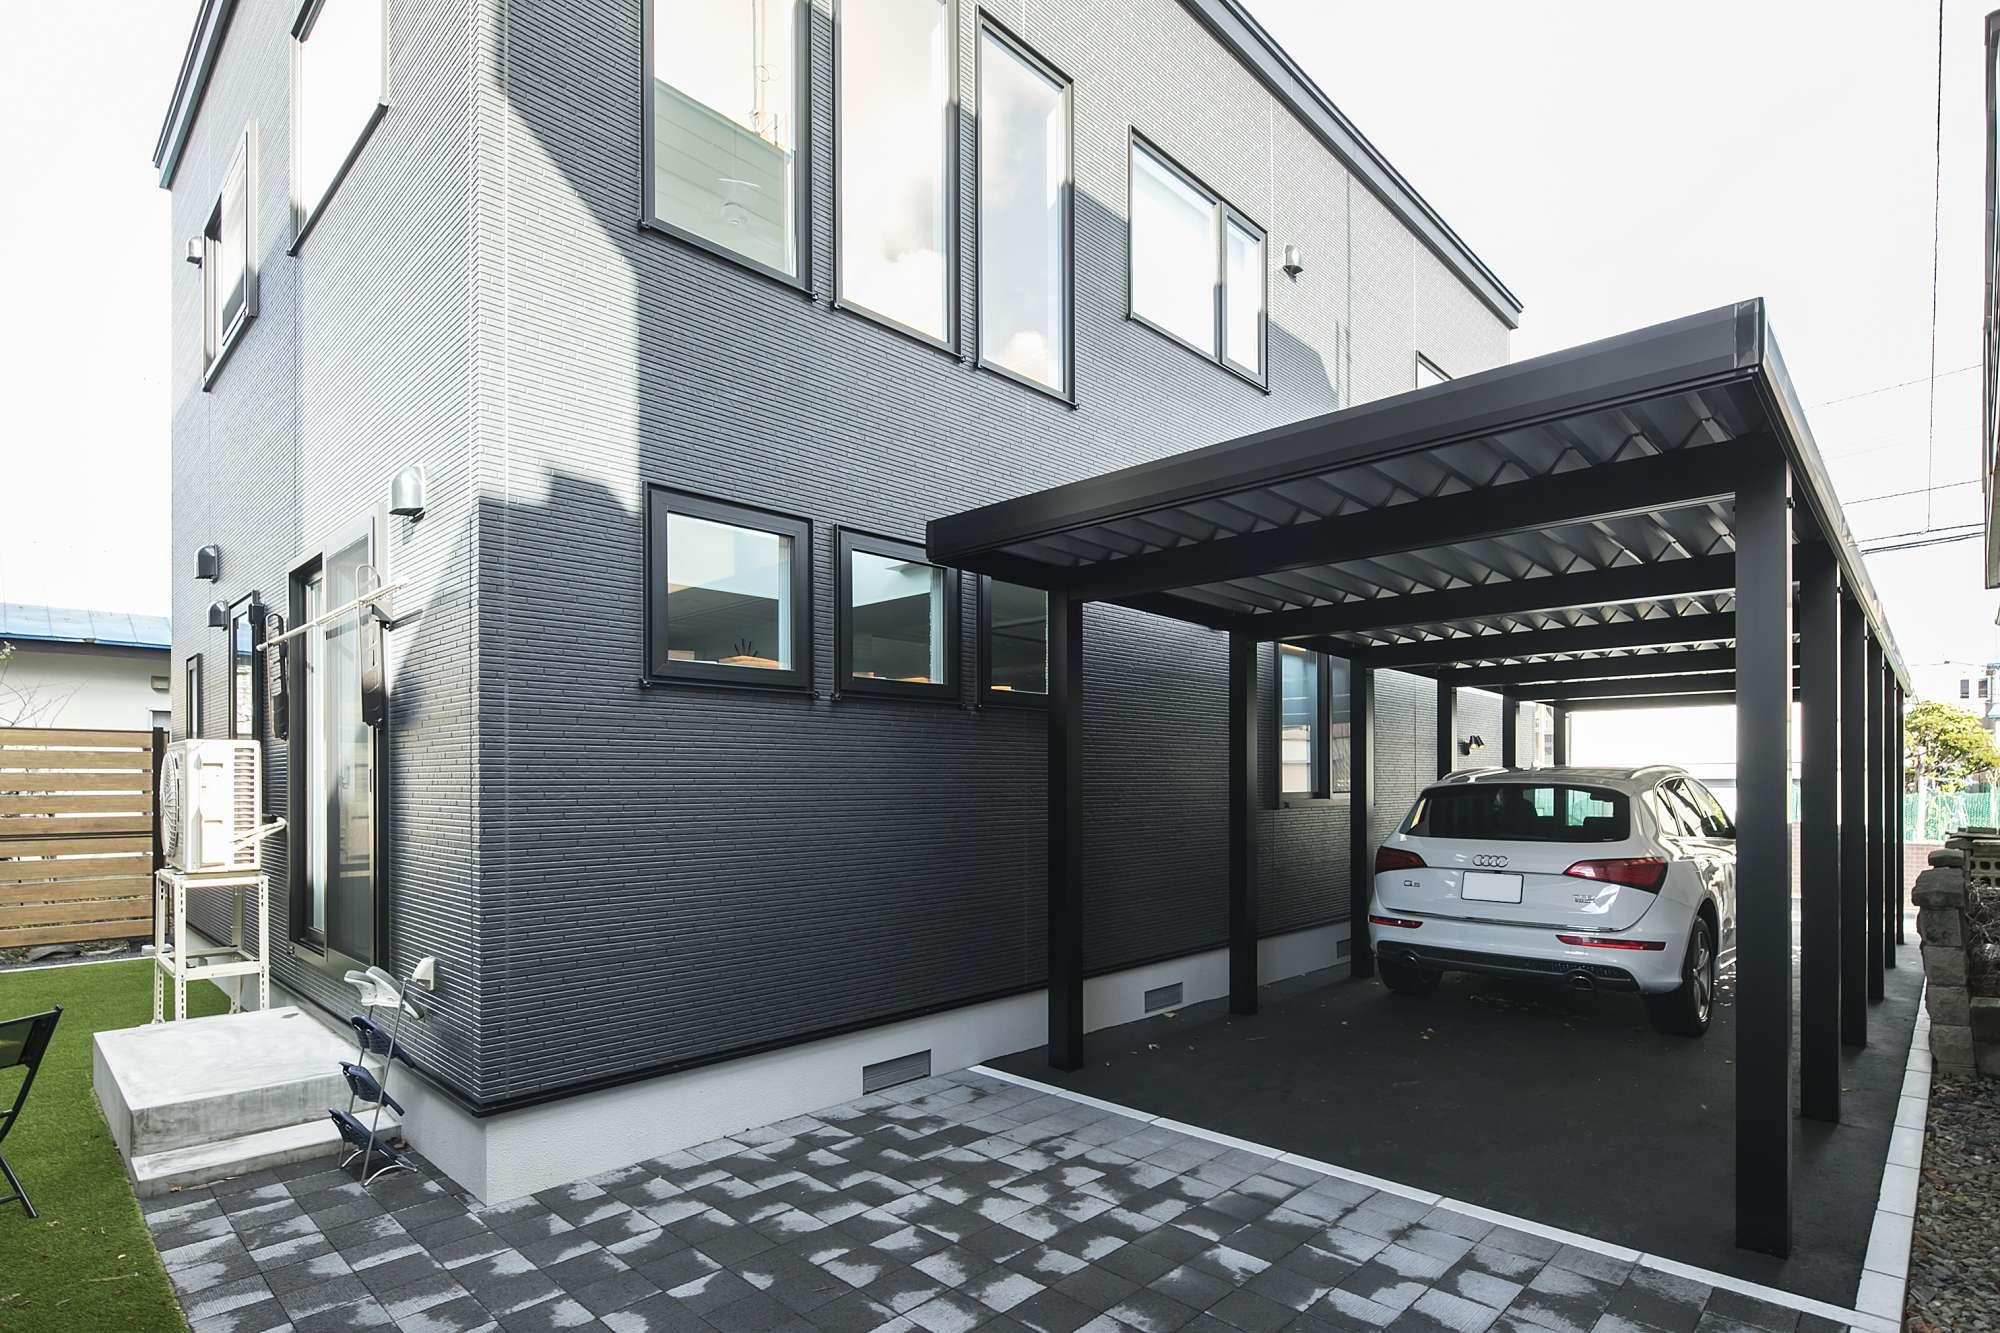 カーポートと庭 - 愛車を守るカーポートと、敷地の裏にはプライベートな庭をプラン -  -